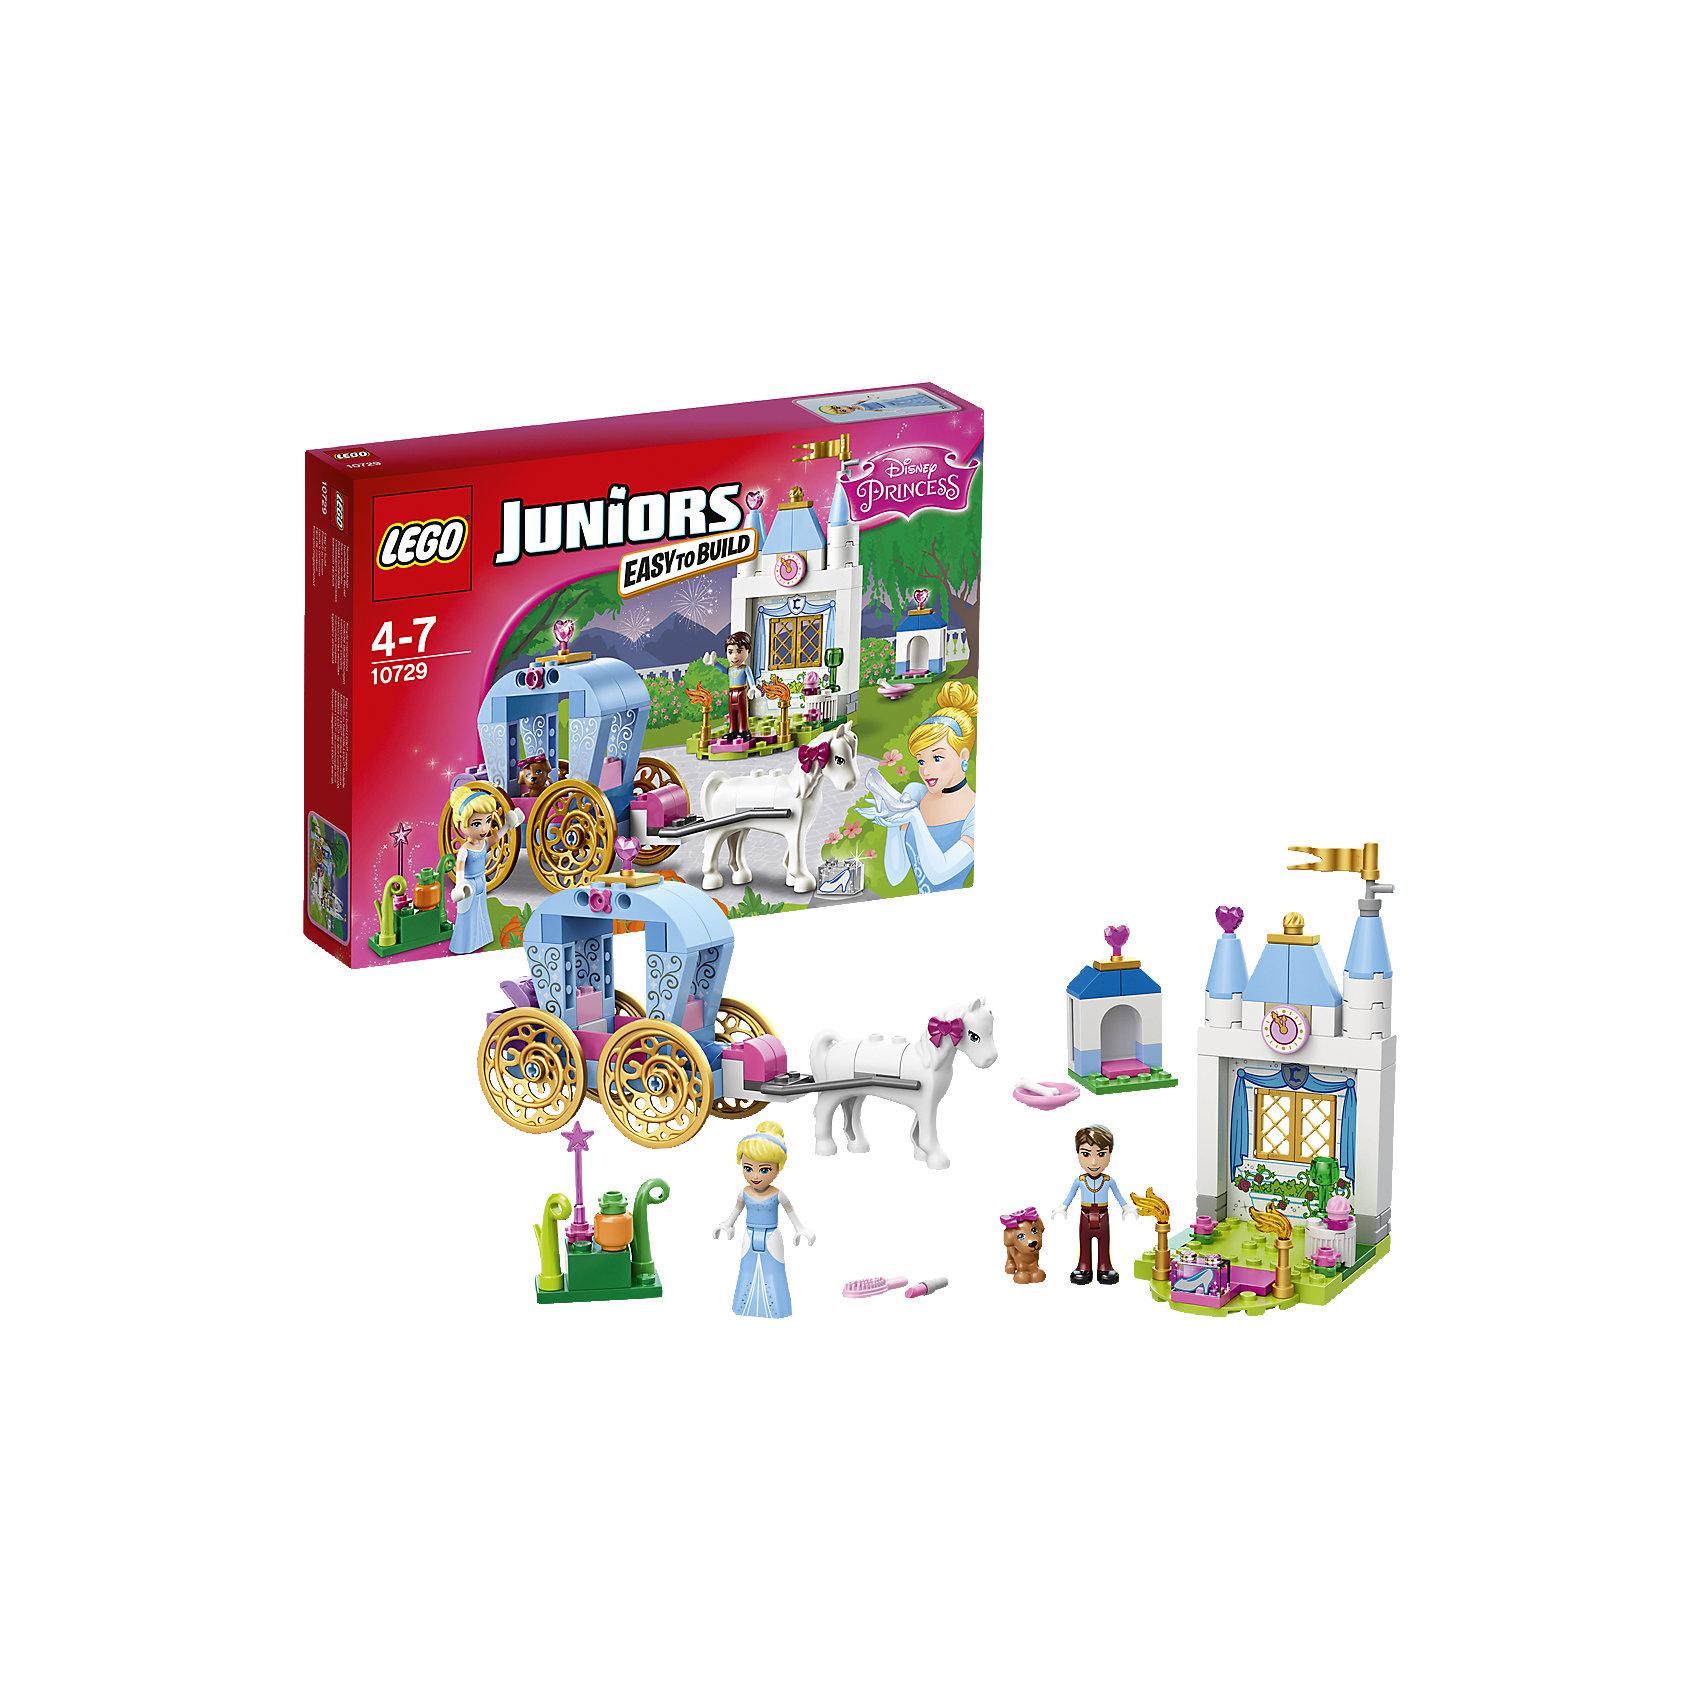 LEGO Juniors 10729: Карета ЗолушкиПопулярные игрушки<br>Присоединись к Золушке в её захватывающей поездке в заколдованной карете! Встреть Прекрасного принца, поиграй с милым щенком Золушки и помоги ей подготовиться к балу. Потом поспеши домой, прежде чем магия исчезнет. Стань частью классической сказки с набором «LEGO Juniors: Принцессы Disney»!<br><br>LEGO Juniors (ЛЕГО Джуниорс) - серия конструкторов для детей от 4 до 7 лет. Размер кубиков и деталей соответствует обычным размерам, при этом наборы очень просты в сборке. Понятные инструкции позволяют детям быстро получить результат и приступить к игре. Конструкторы этой серии прекрасно детализированы, яркие, прочные, имеют множество различных сюжетов - идеально подходят для реалистичных и познавательных игр.<br><br>Дополнительная информация:<br><br>- Конструкторы ЛЕГО развивают усидчивость, внимание, фантазию и мелкую моторику. <br>- Комплектация: 2 минифигурки, карета, часть дворца, аксессуары, лошадка, щенок. <br>- В комплекте 2 фигурки: Золушка, Прекрасный принц.<br>- Количество деталей: 116 шт.<br>- Серия ЛЕГО Джуниорс (LEGO  Juniors ).<br>- Материал: пластик.<br>- Размер упаковки: 26х19х4,6 см.<br>- Вес: 0,28 кг.<br><br>Конструктор LEGO Juniors 10729: Карета Золушки можно купить в нашем магазине.<br><br>Ширина мм: 264<br>Глубина мм: 190<br>Высота мм: 48<br>Вес г: 283<br>Возраст от месяцев: 48<br>Возраст до месяцев: 84<br>Пол: Женский<br>Возраст: Детский<br>SKU: 4259093